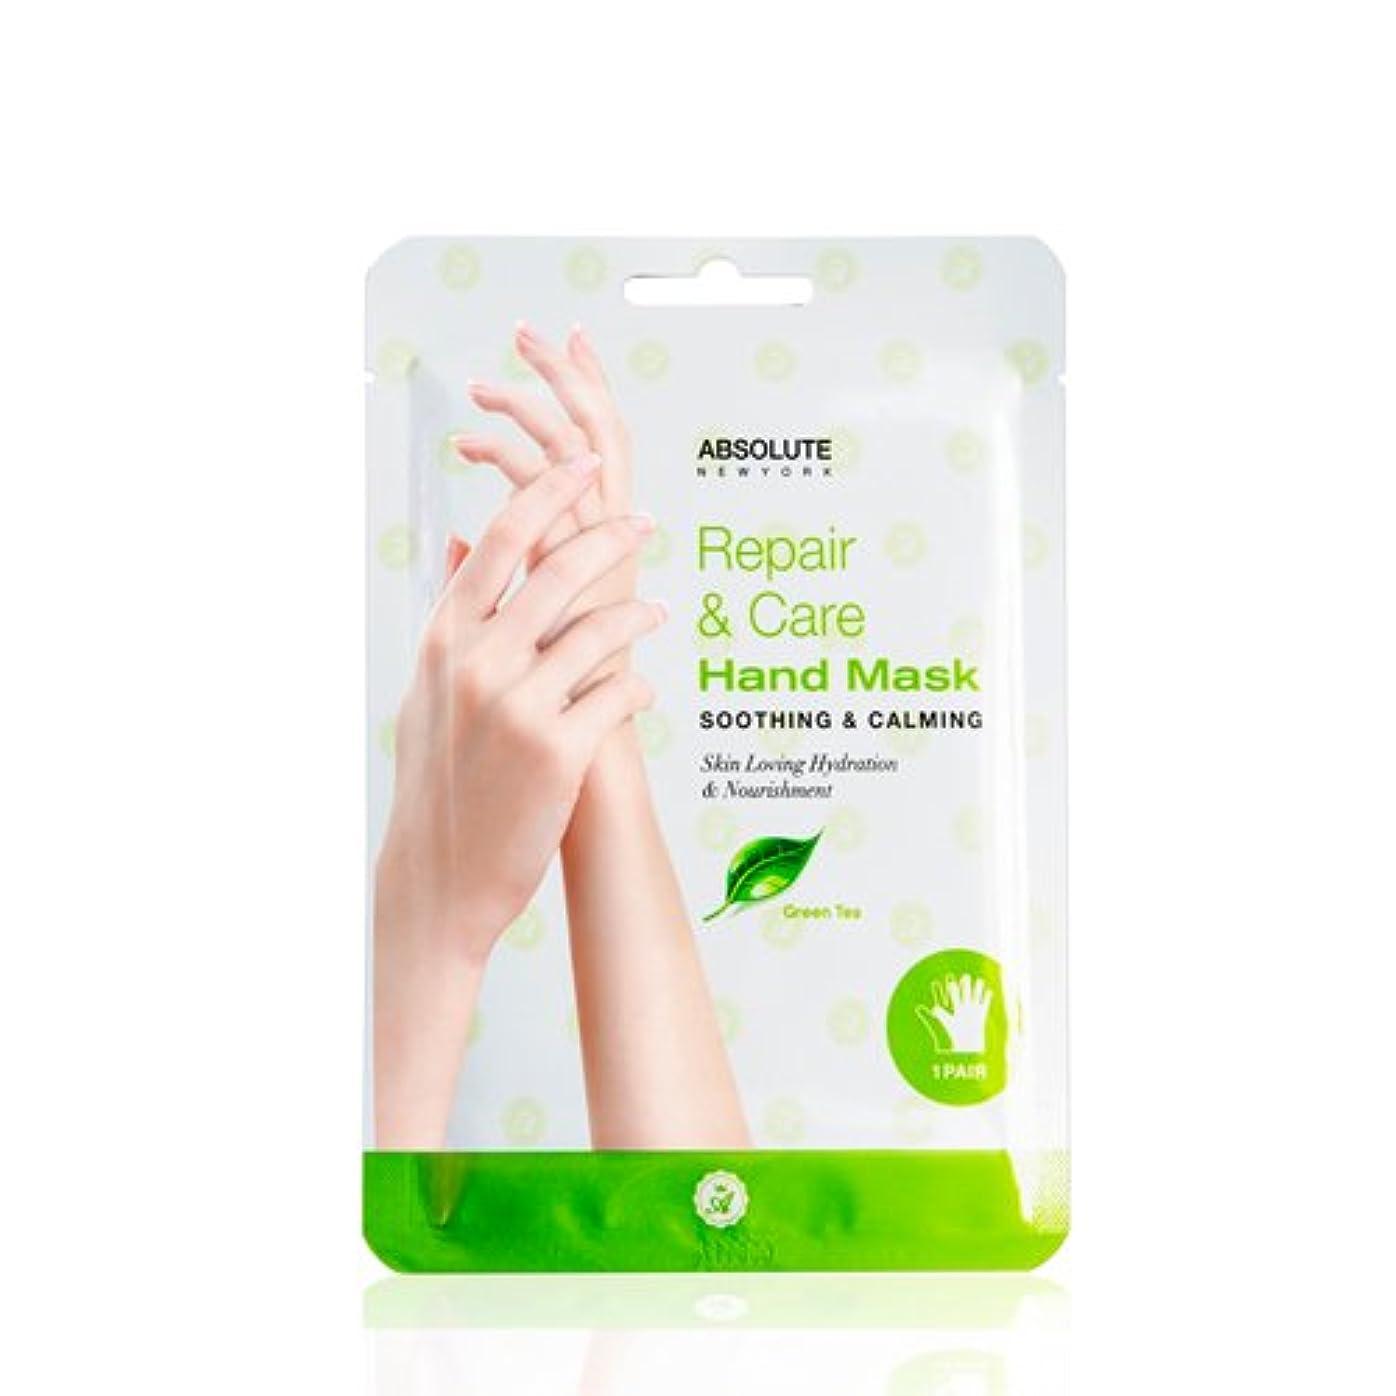 酔う特異性複雑な(6 Pack) Absolute Repair & Care Hand Mask - Green Tea (並行輸入品)